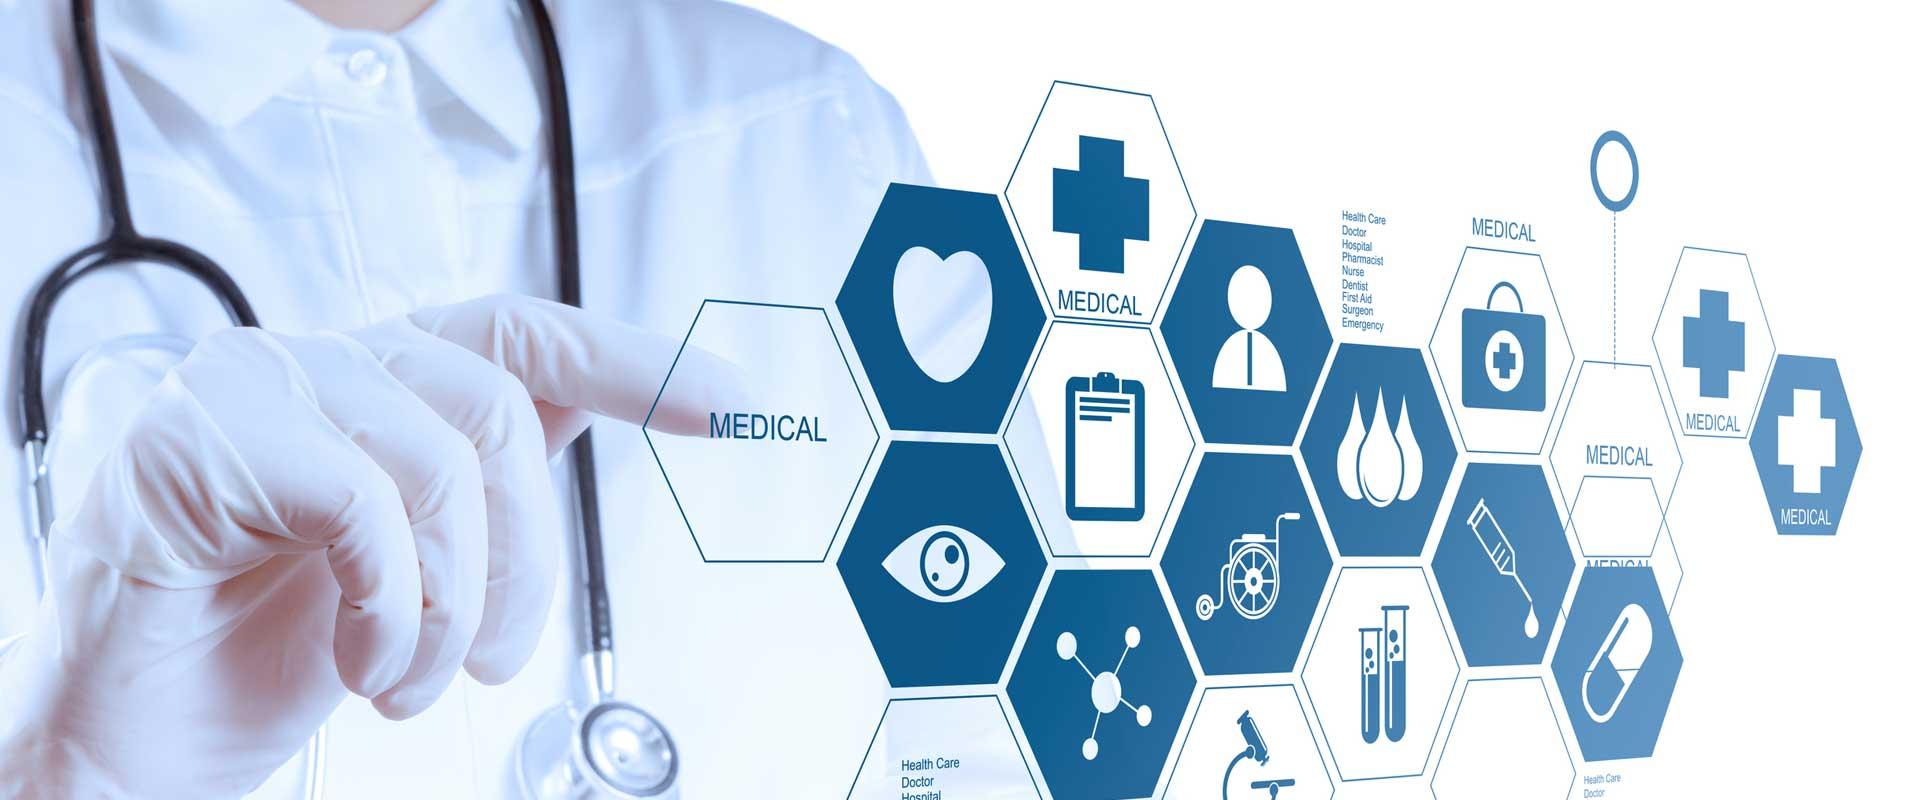 Широкий выбор медицинских услуг